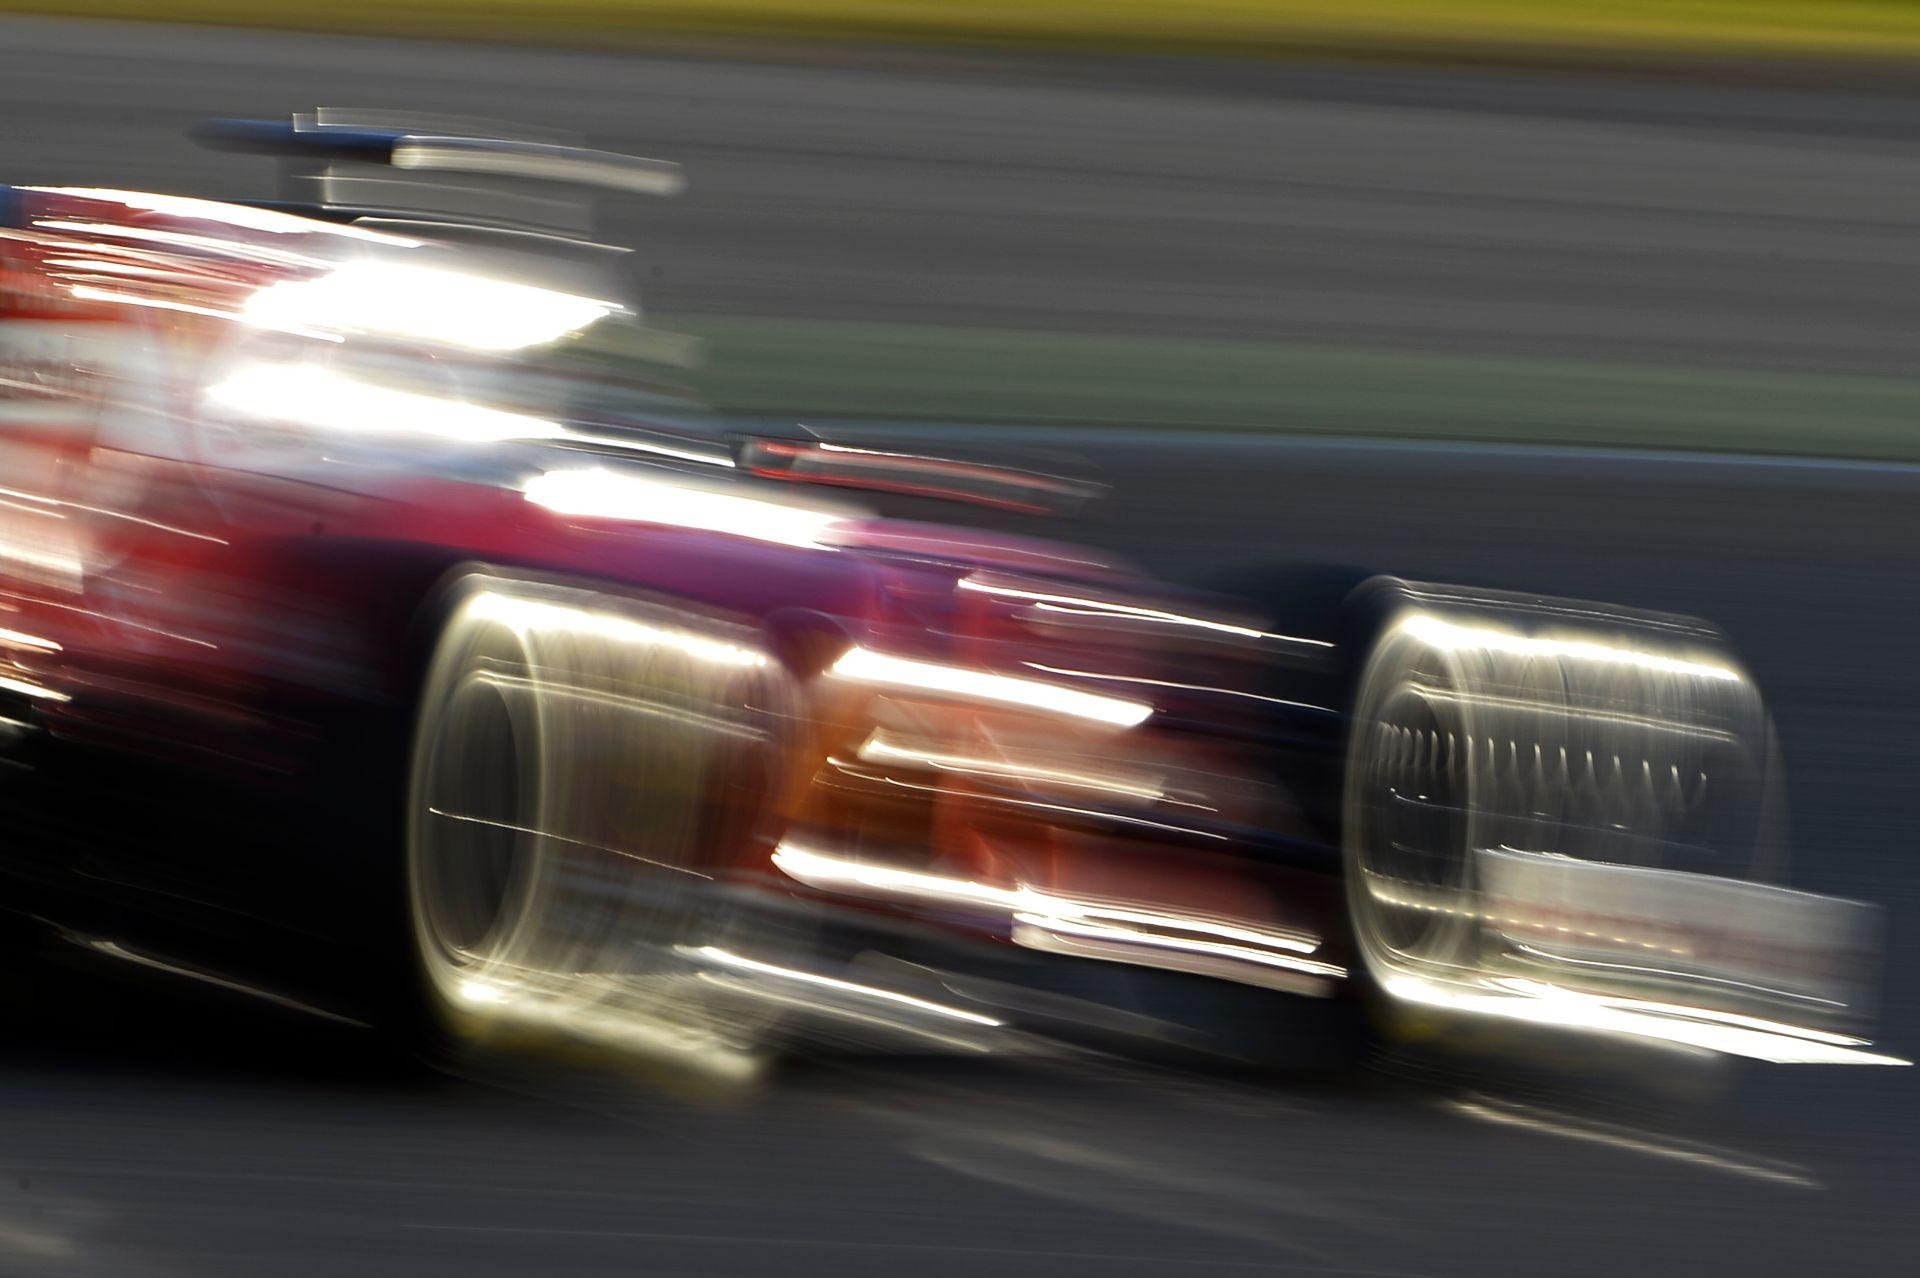 Versenyszimulációs elemzés Barcelonából: Räikkönen Vettel előtt!